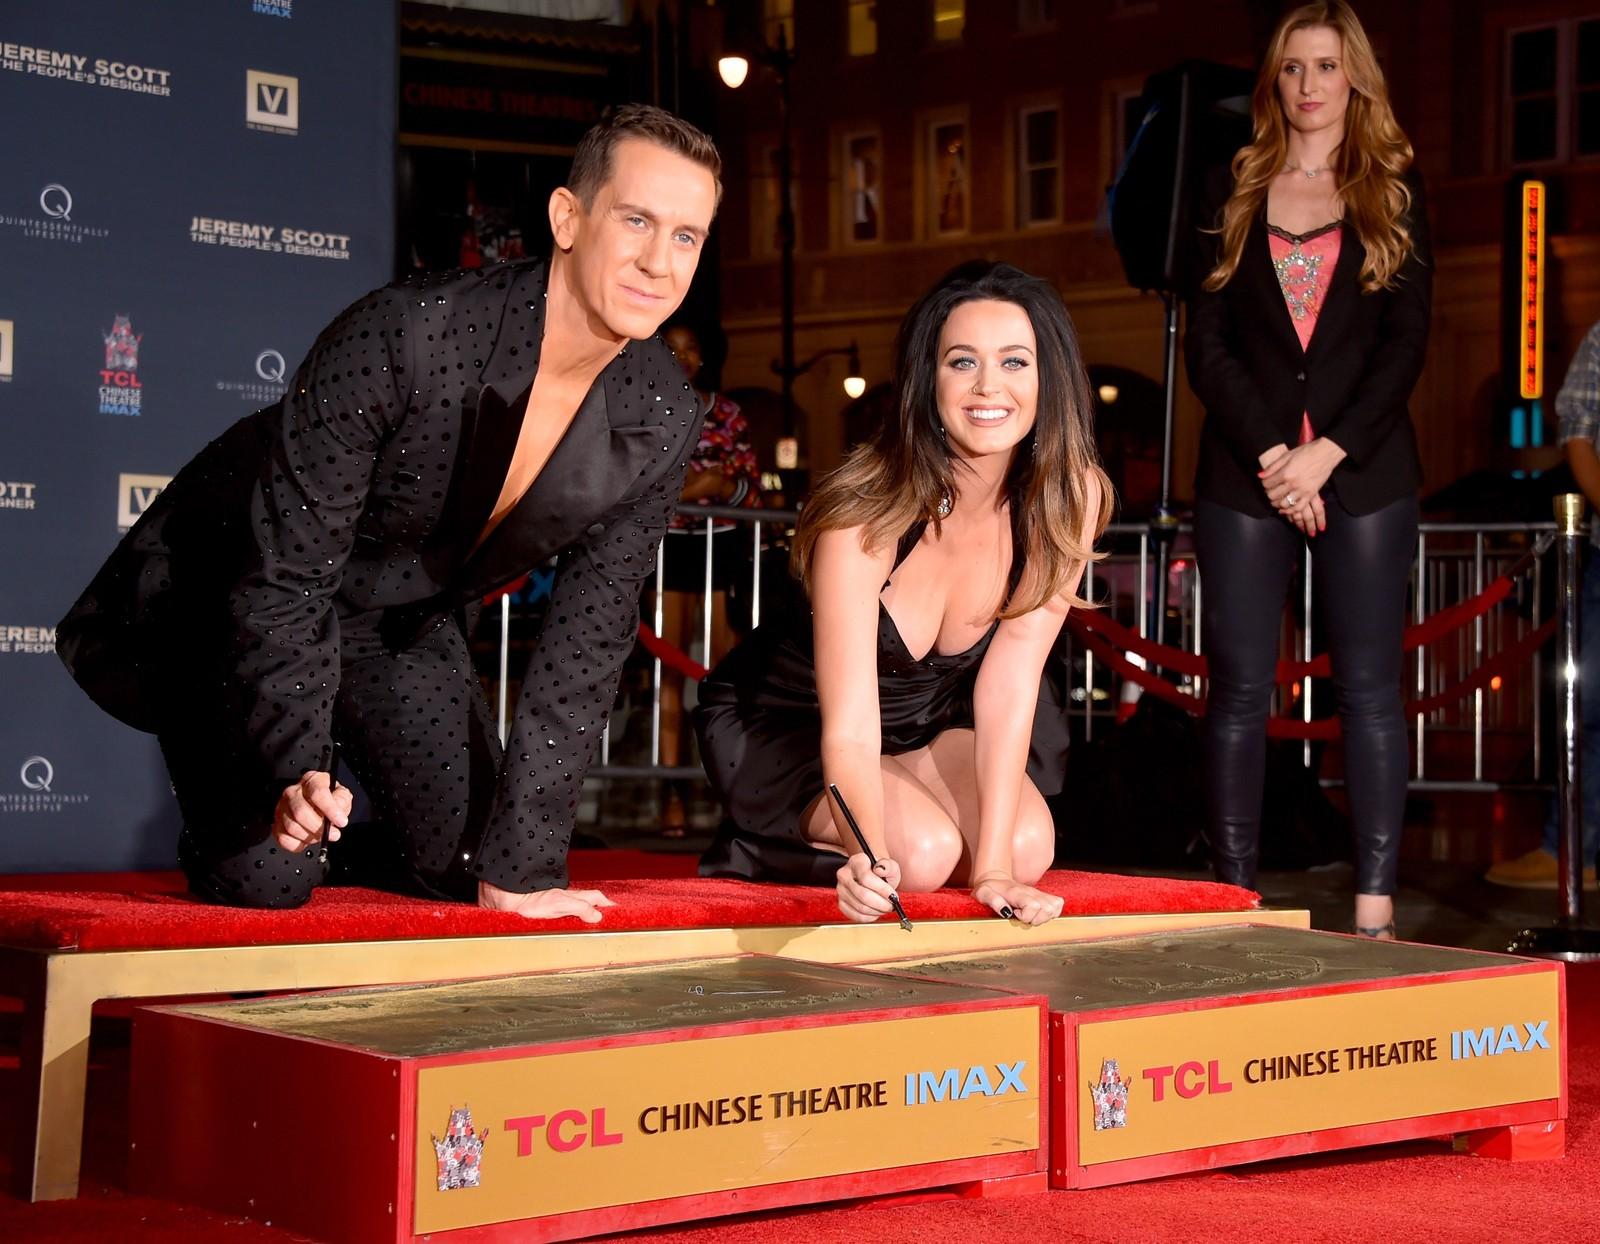 Designer Jeremy Scott og popstjerna Katy Perry bidro med håndavtrykk til hver sin stjerne i Hollywood denne uka.